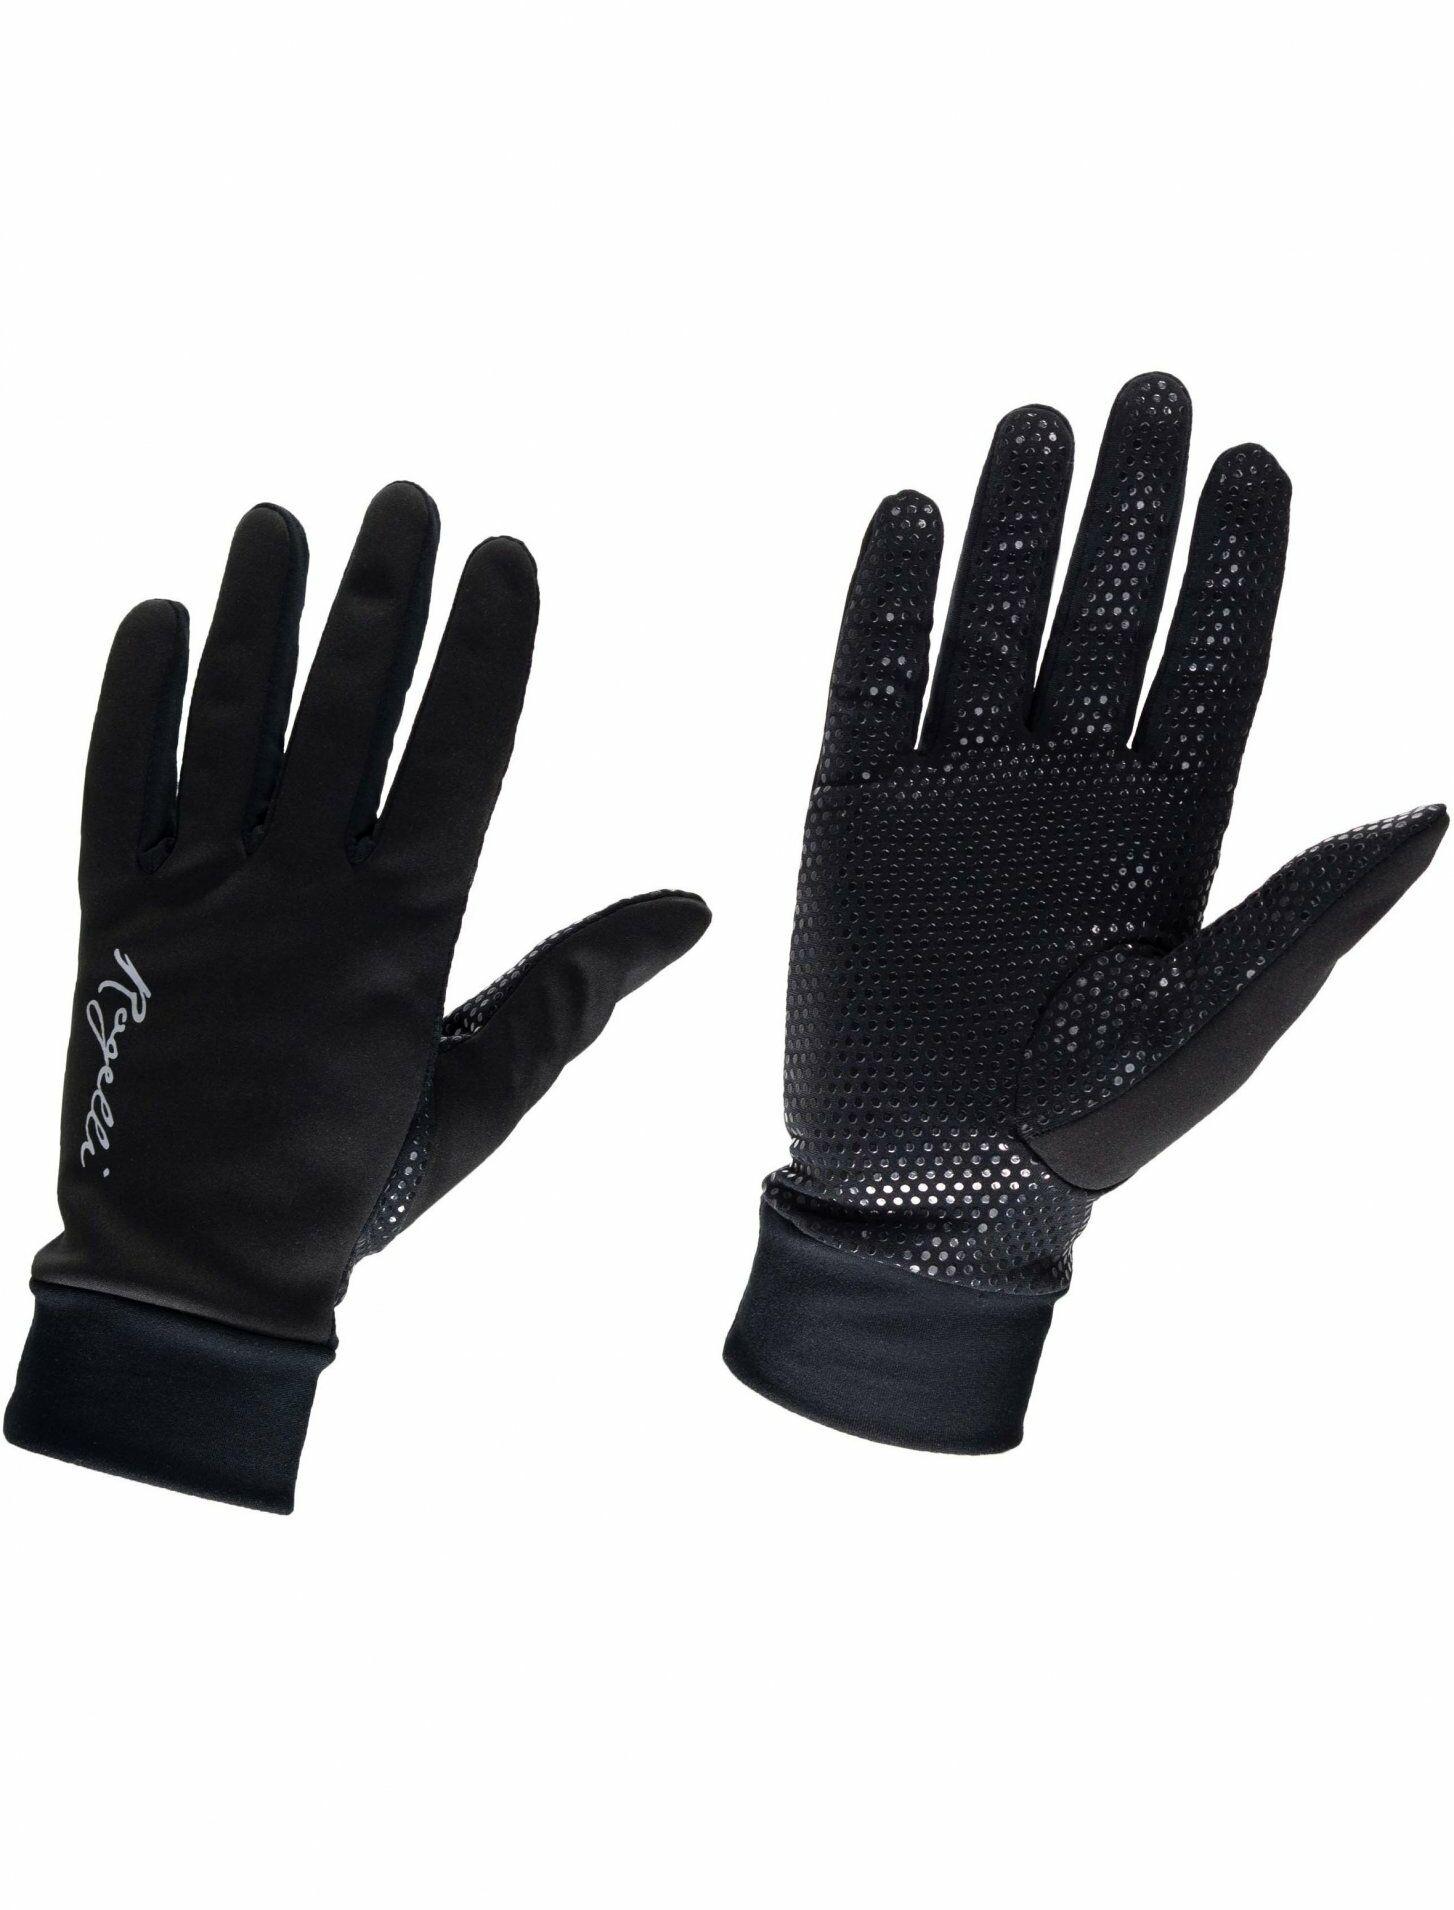 ROGELLI LAVAL Damskie zimowe rękawiczki Czarne 010.661 Rozmiar: S,ROGELLI LAVAL 010.661